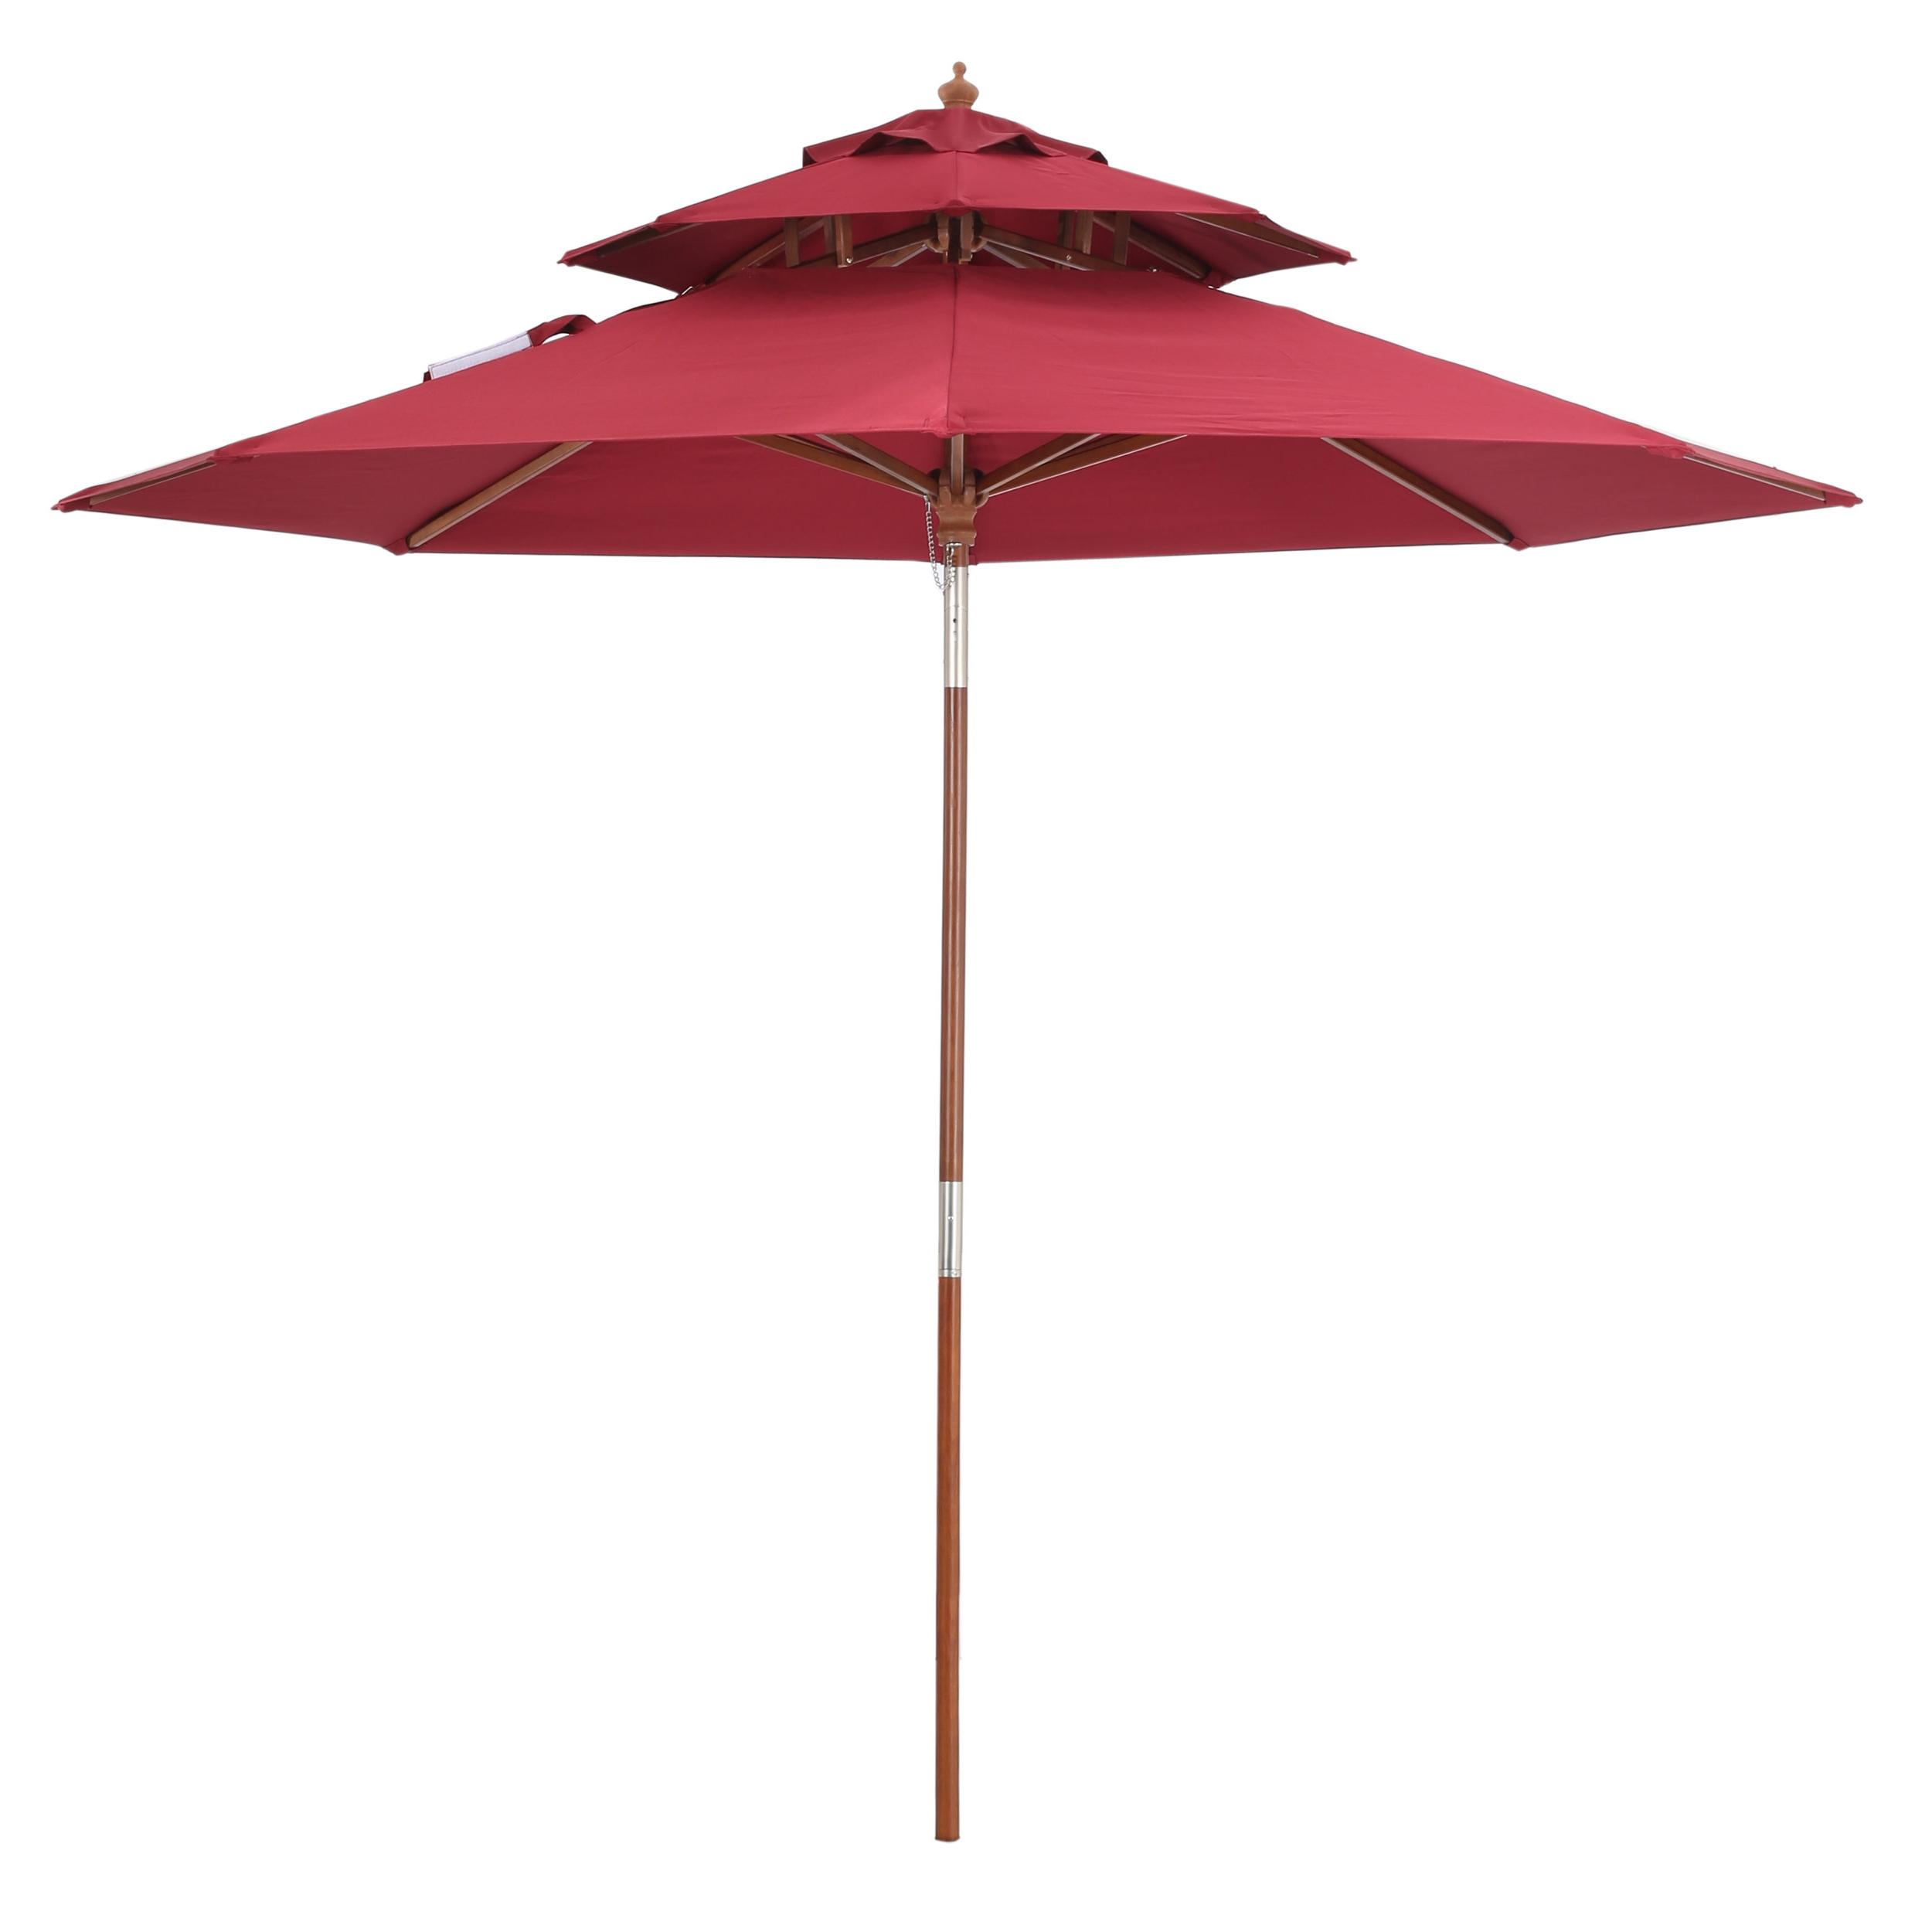 Belles Market Umbrellas In Most Up To Date Zeigler 9' Market Umbrella (View 11 of 20)